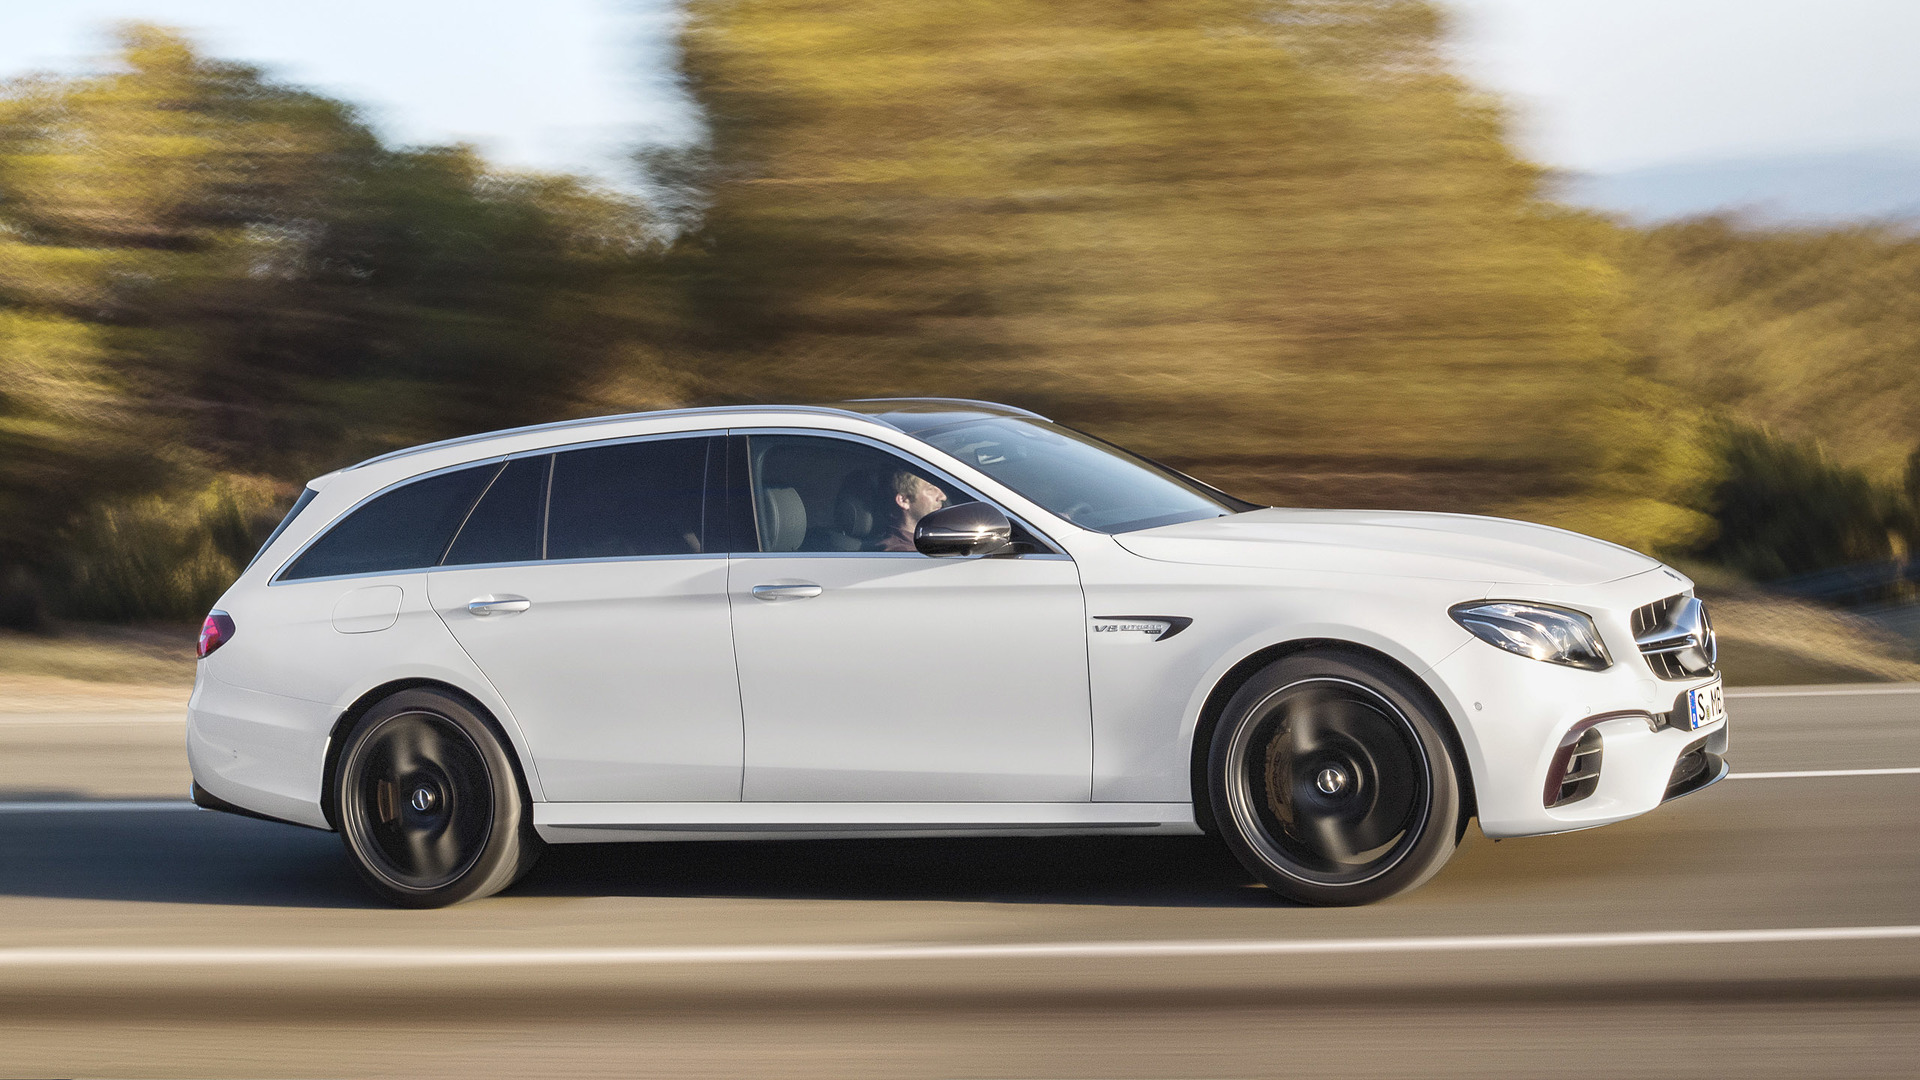 """S 63 Amg 2017 >> Das kostet die """"Edition 1"""" des neuen Mercedes-AMG E63 S T-Modell!"""